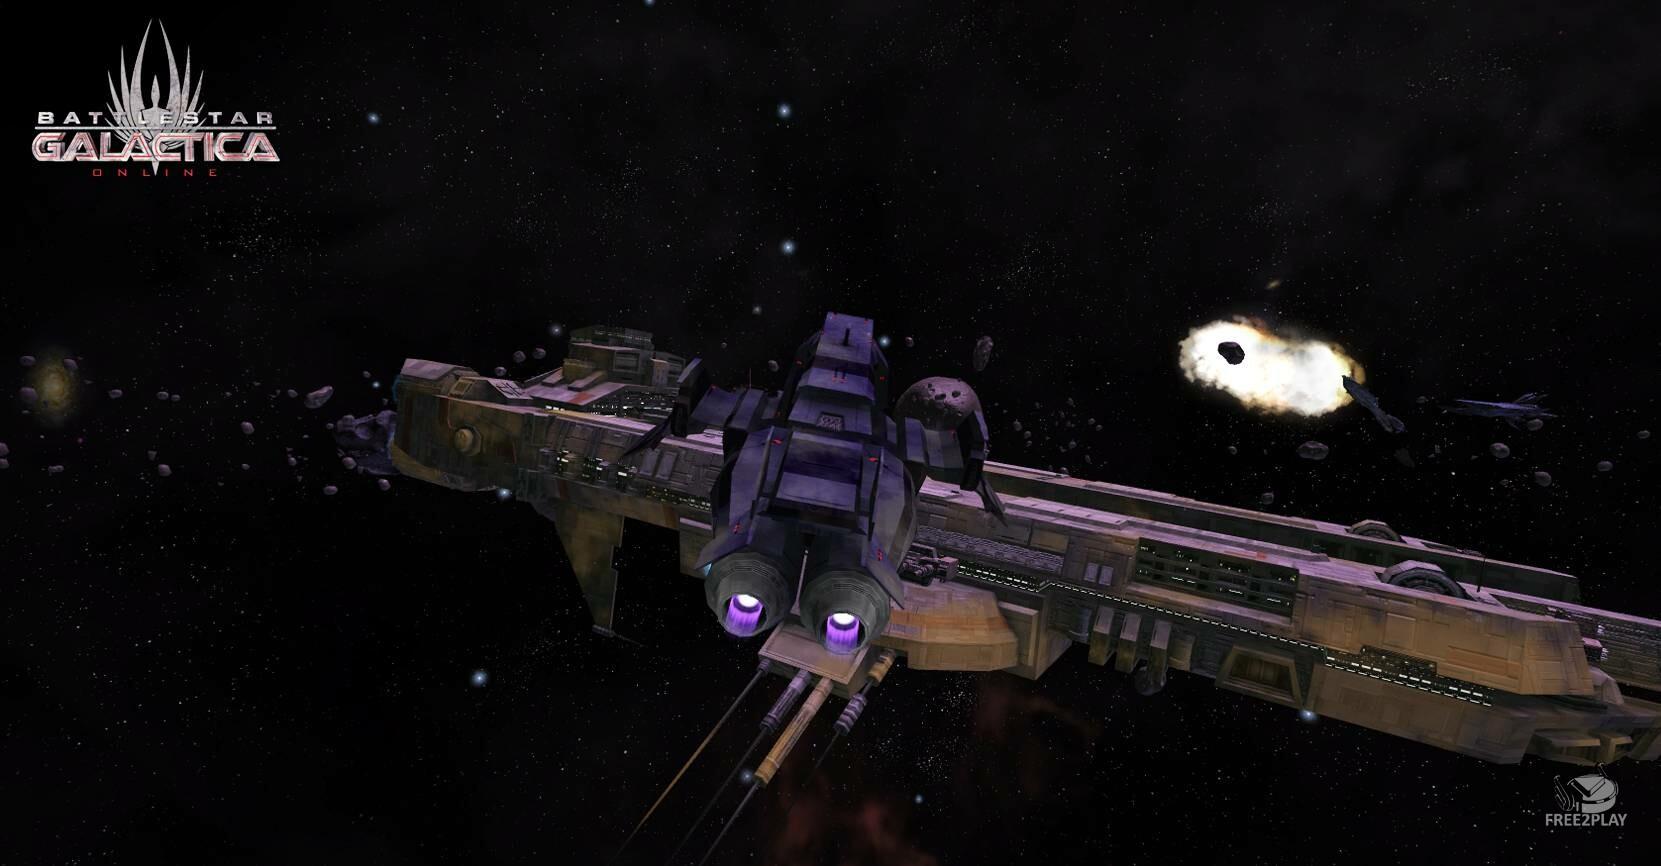 battlestar-galactica online de